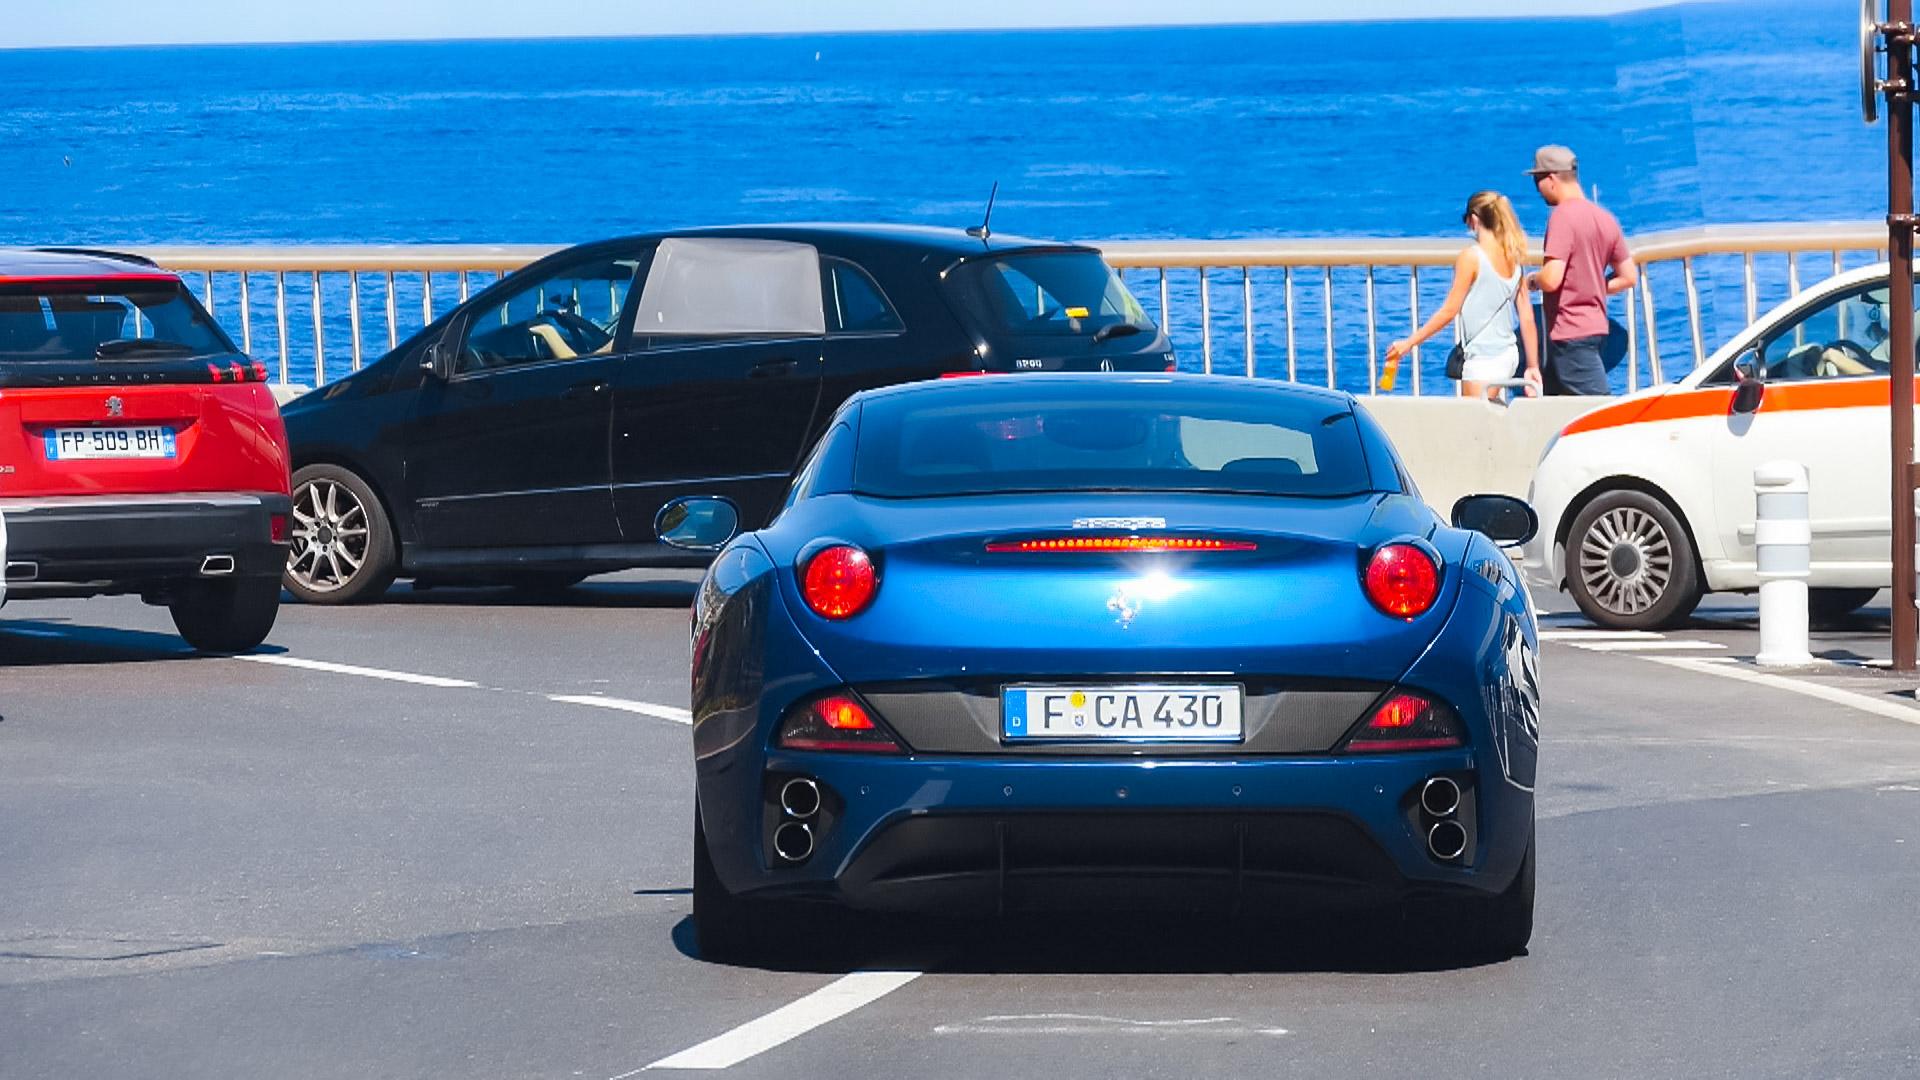 Ferrari California - F-CA-430